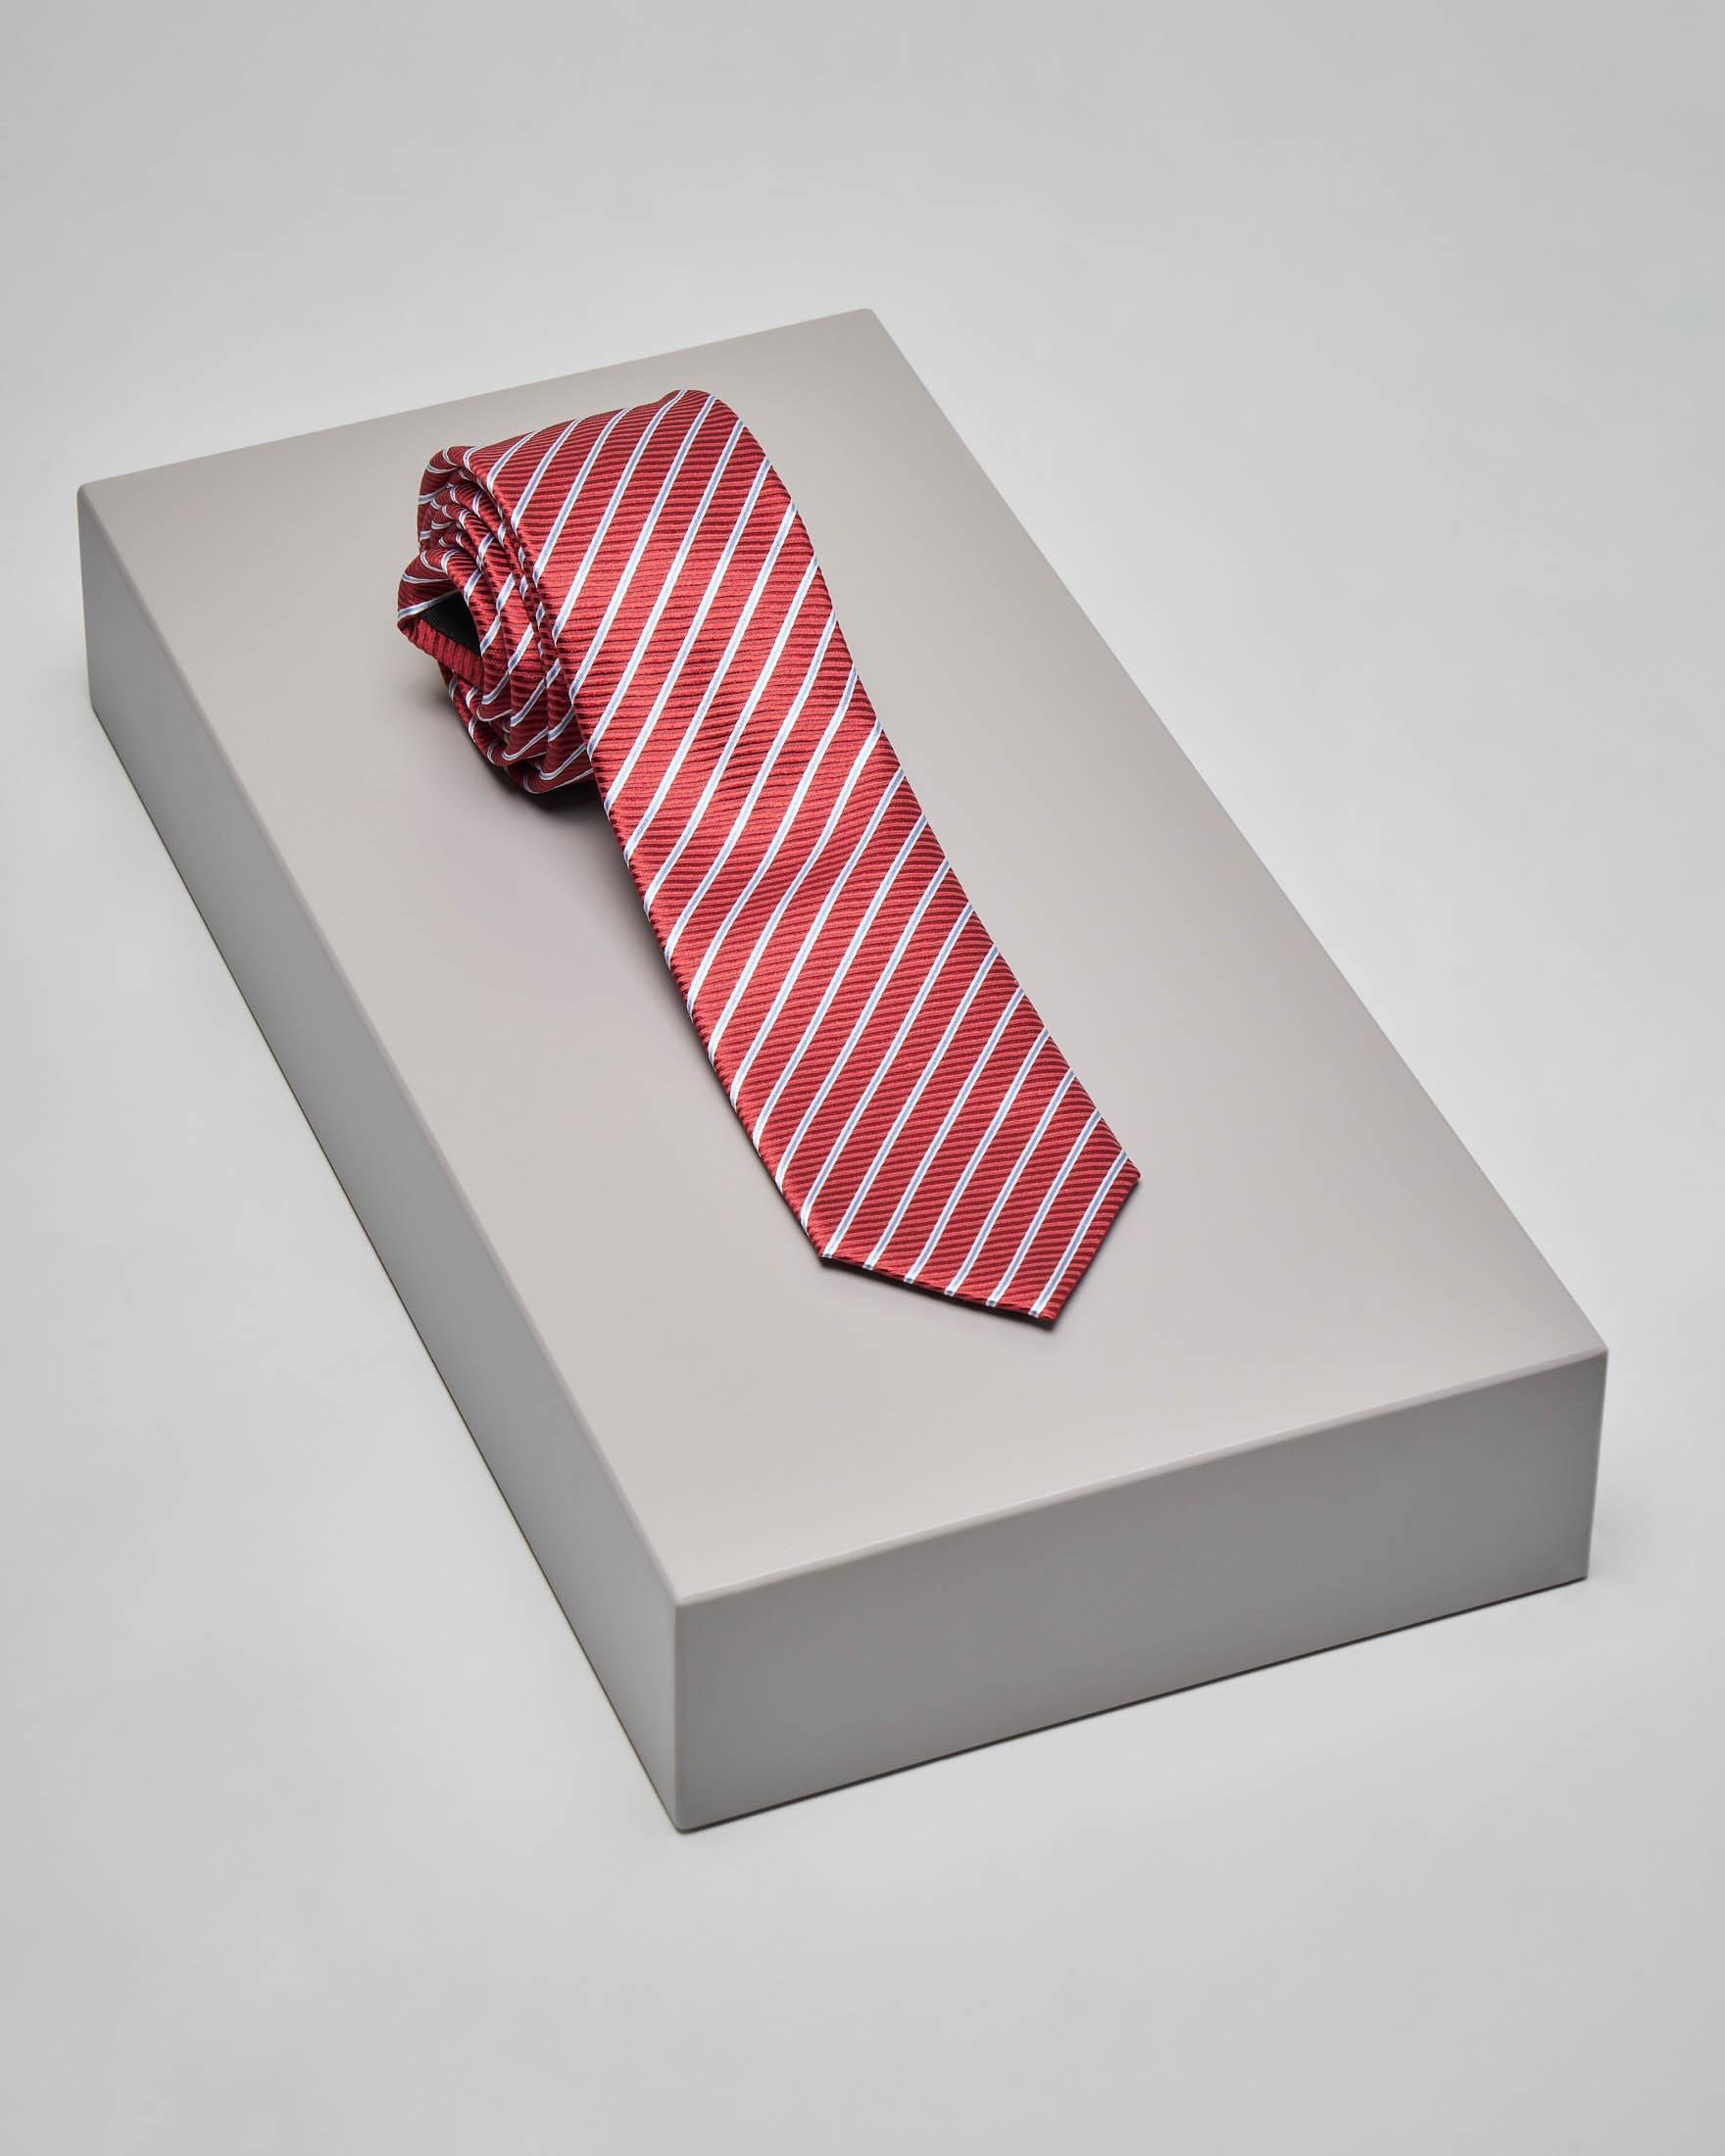 Cravatta rossa con riga diagonale